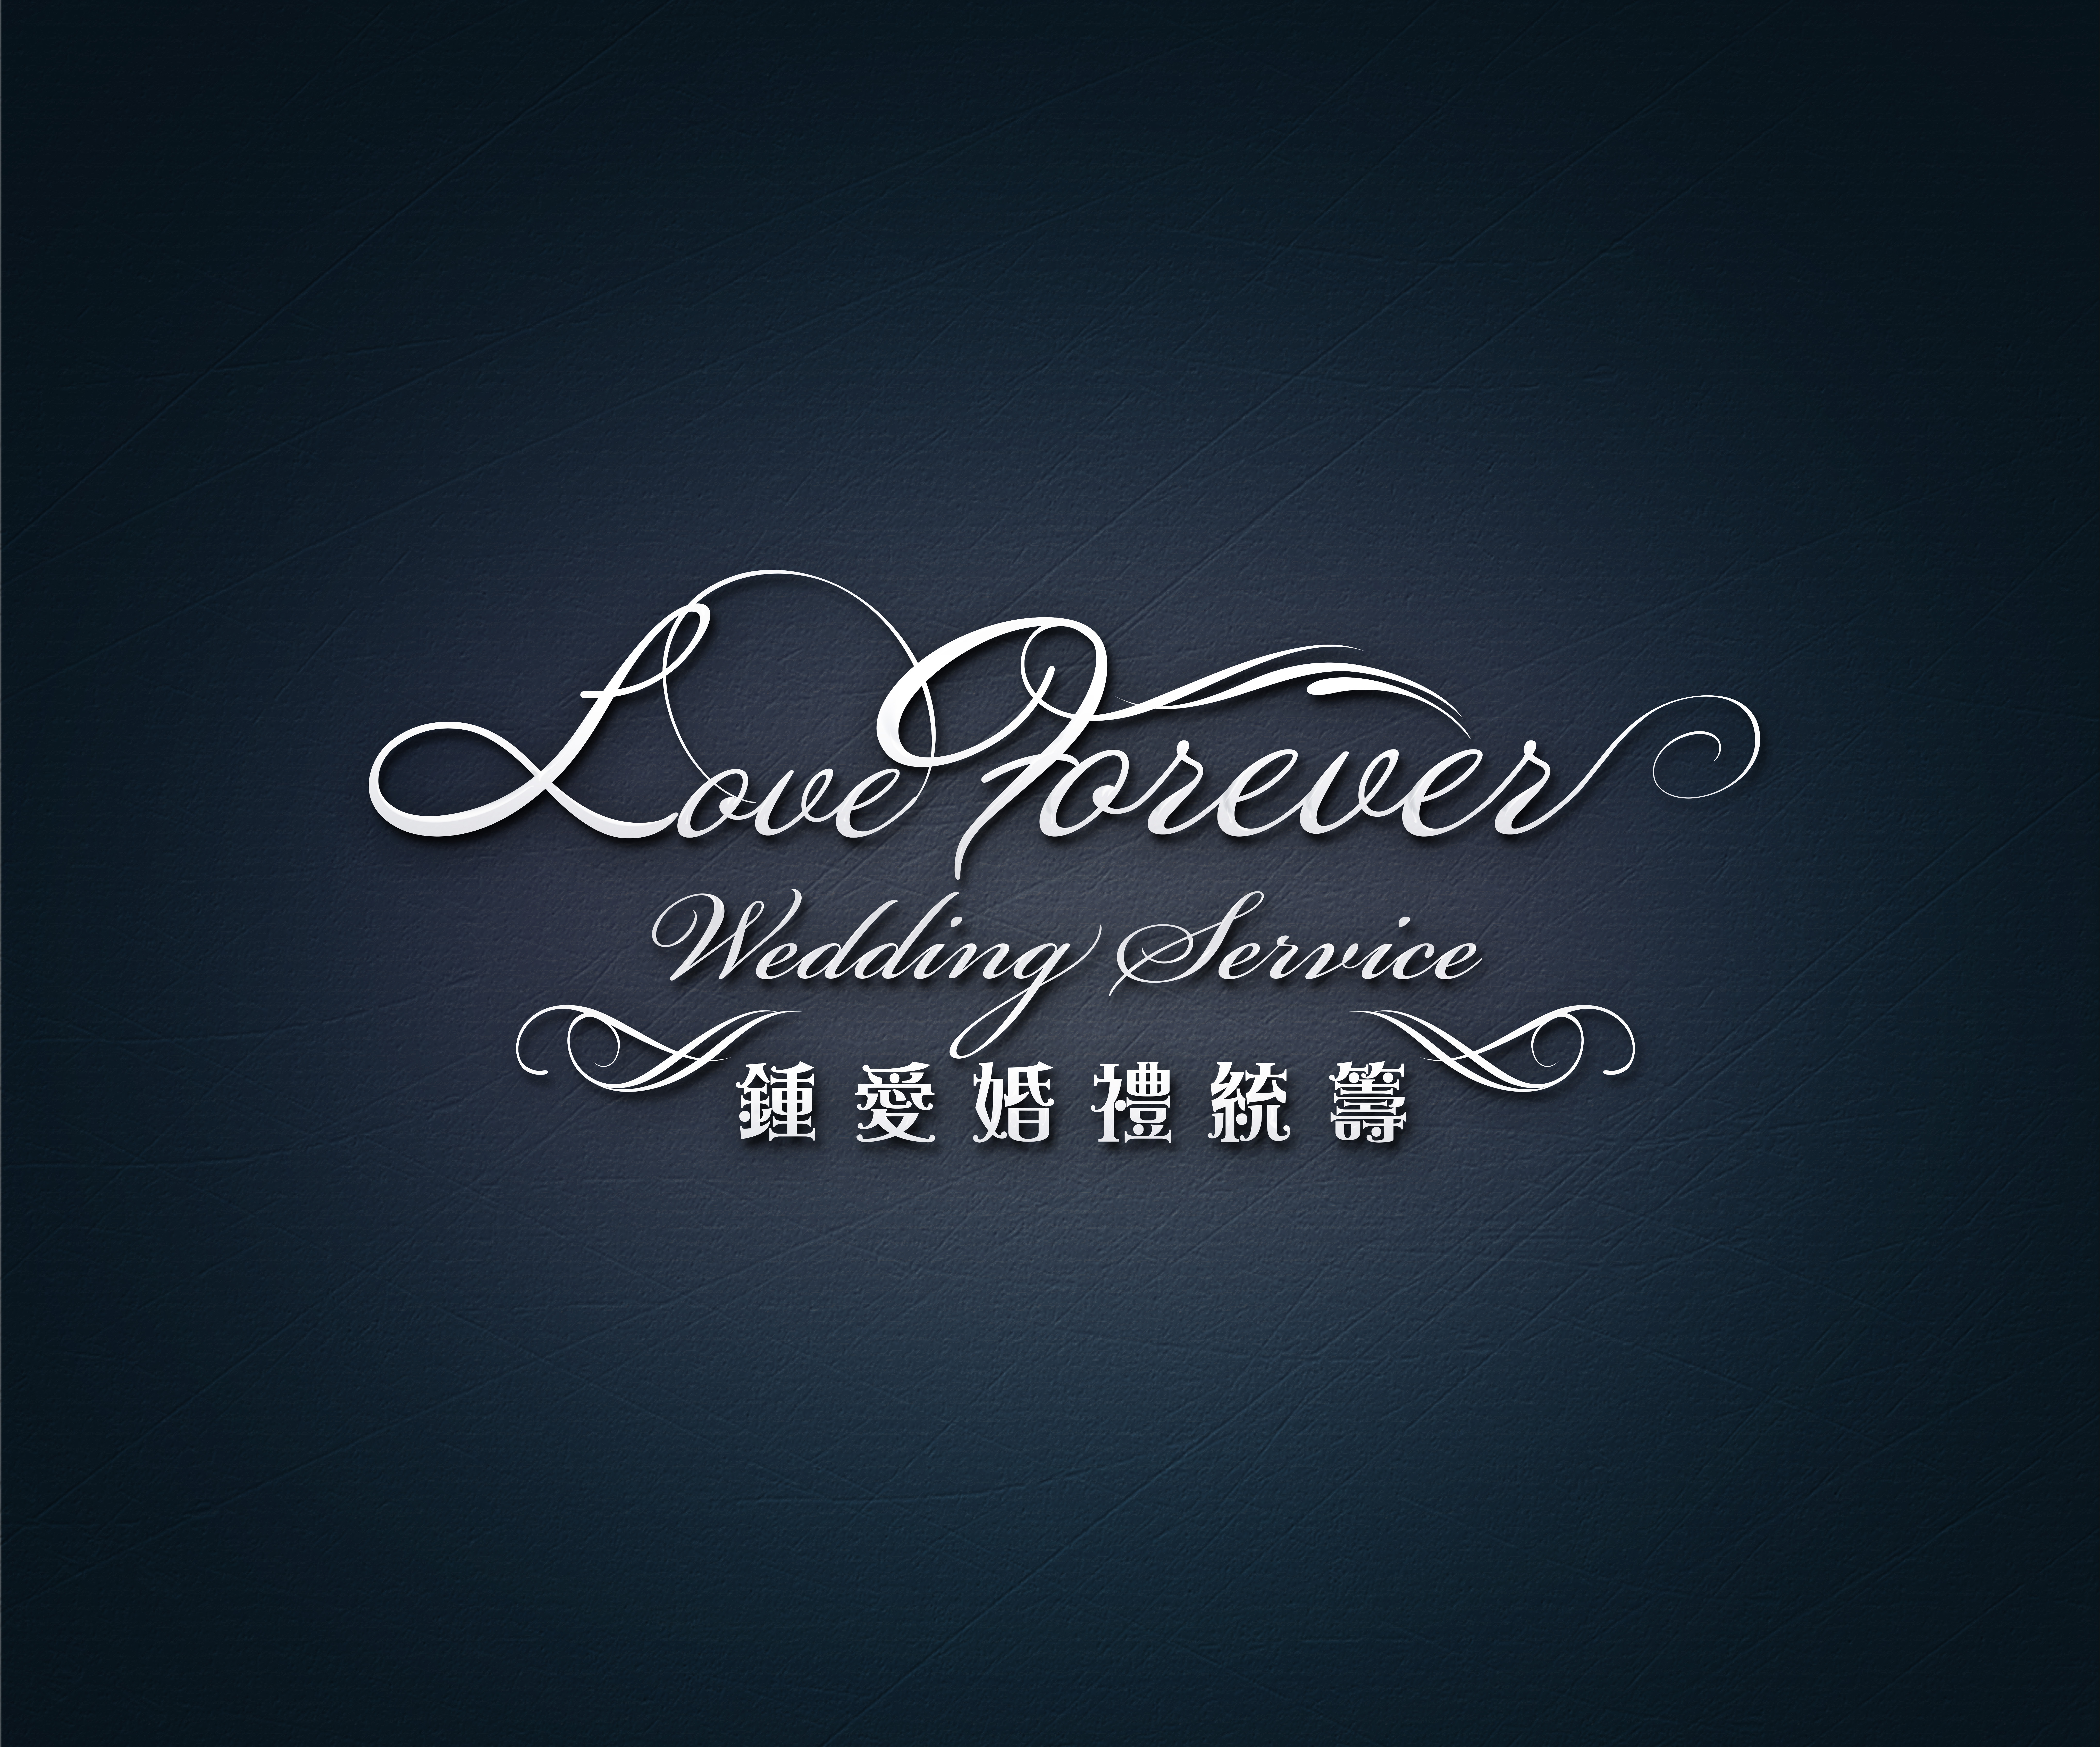 Love Forever wedding service_TextEffect_A.jpg